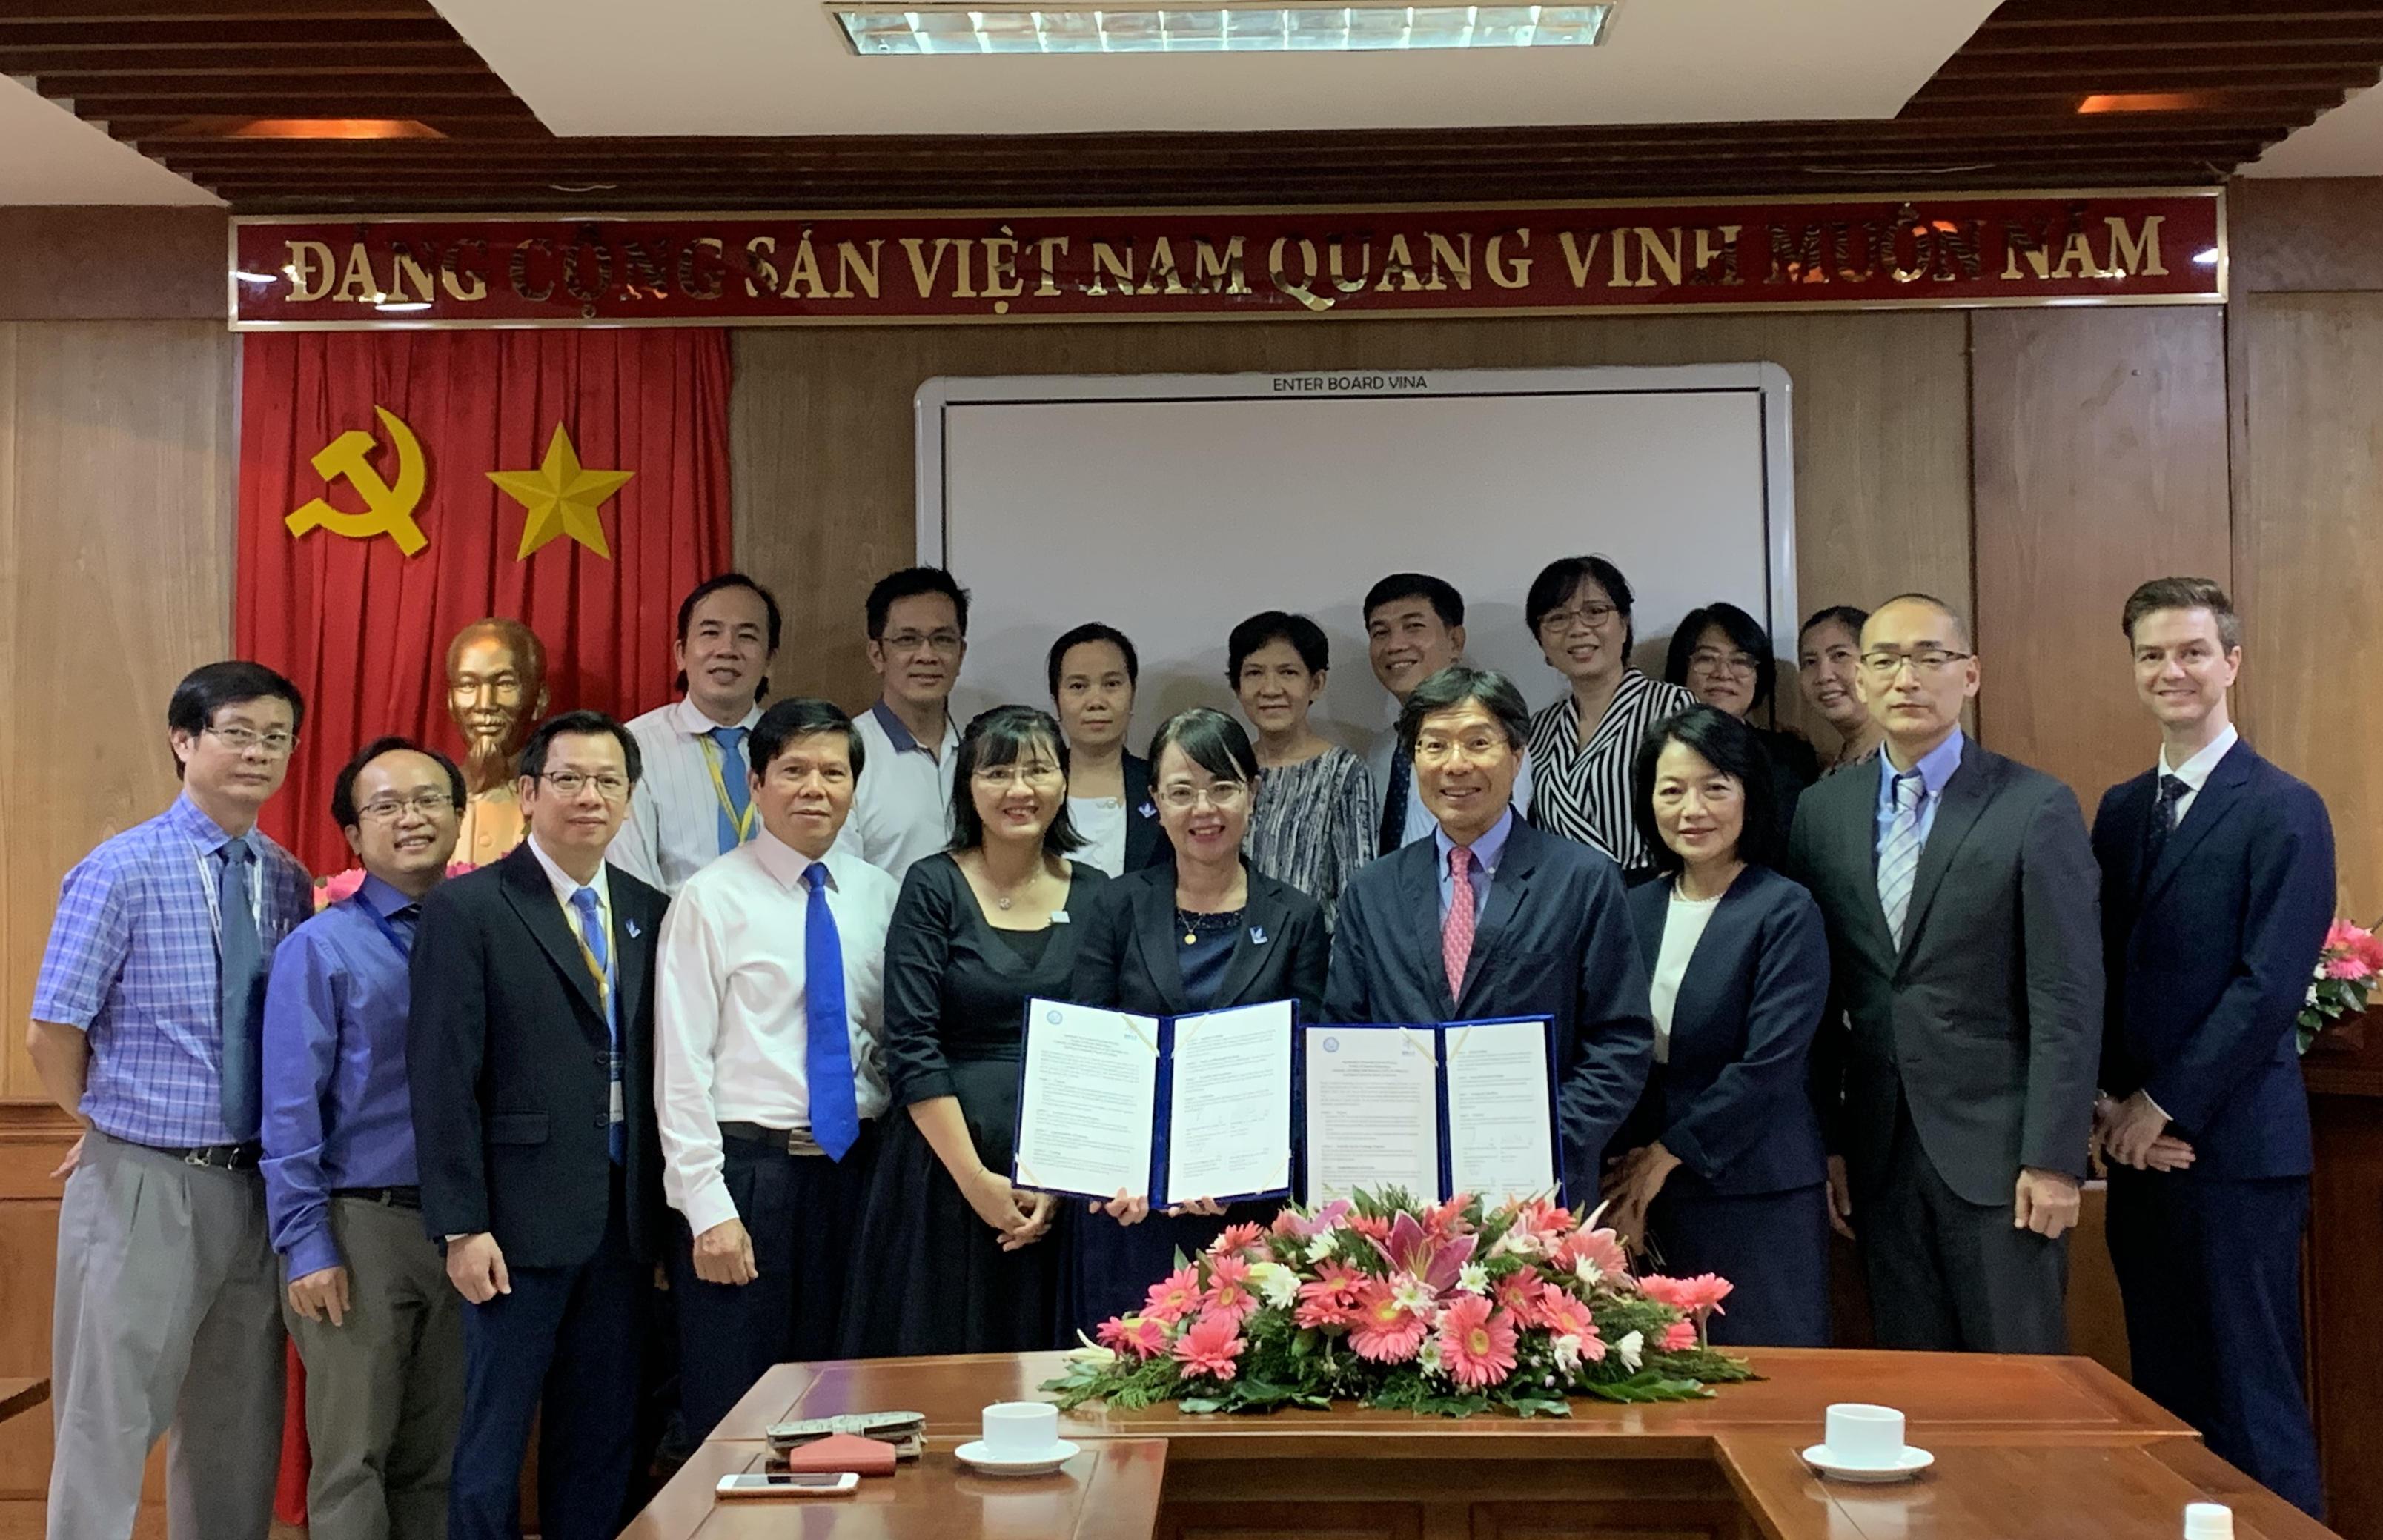 昭和大学歯学部がホーチミン市医科薬科大学歯学部と学部間協定を締結